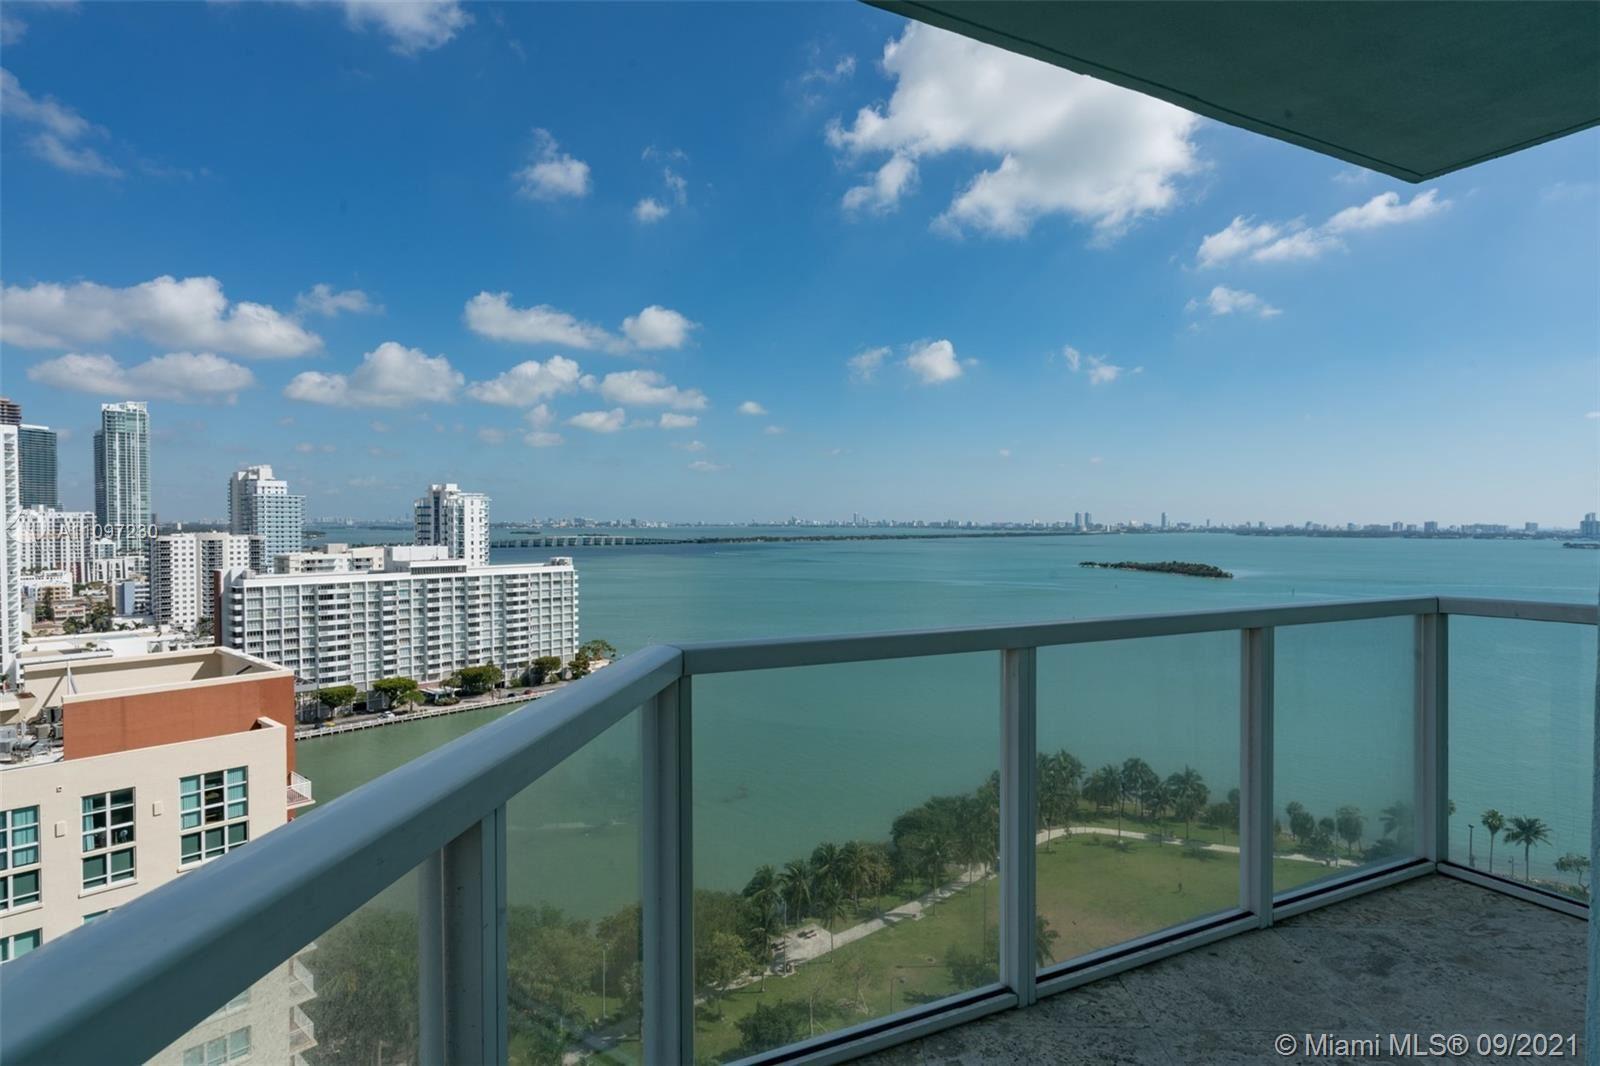 1900 N Bayshore Dr #1912, Miami, FL 33132 - #: A11097230